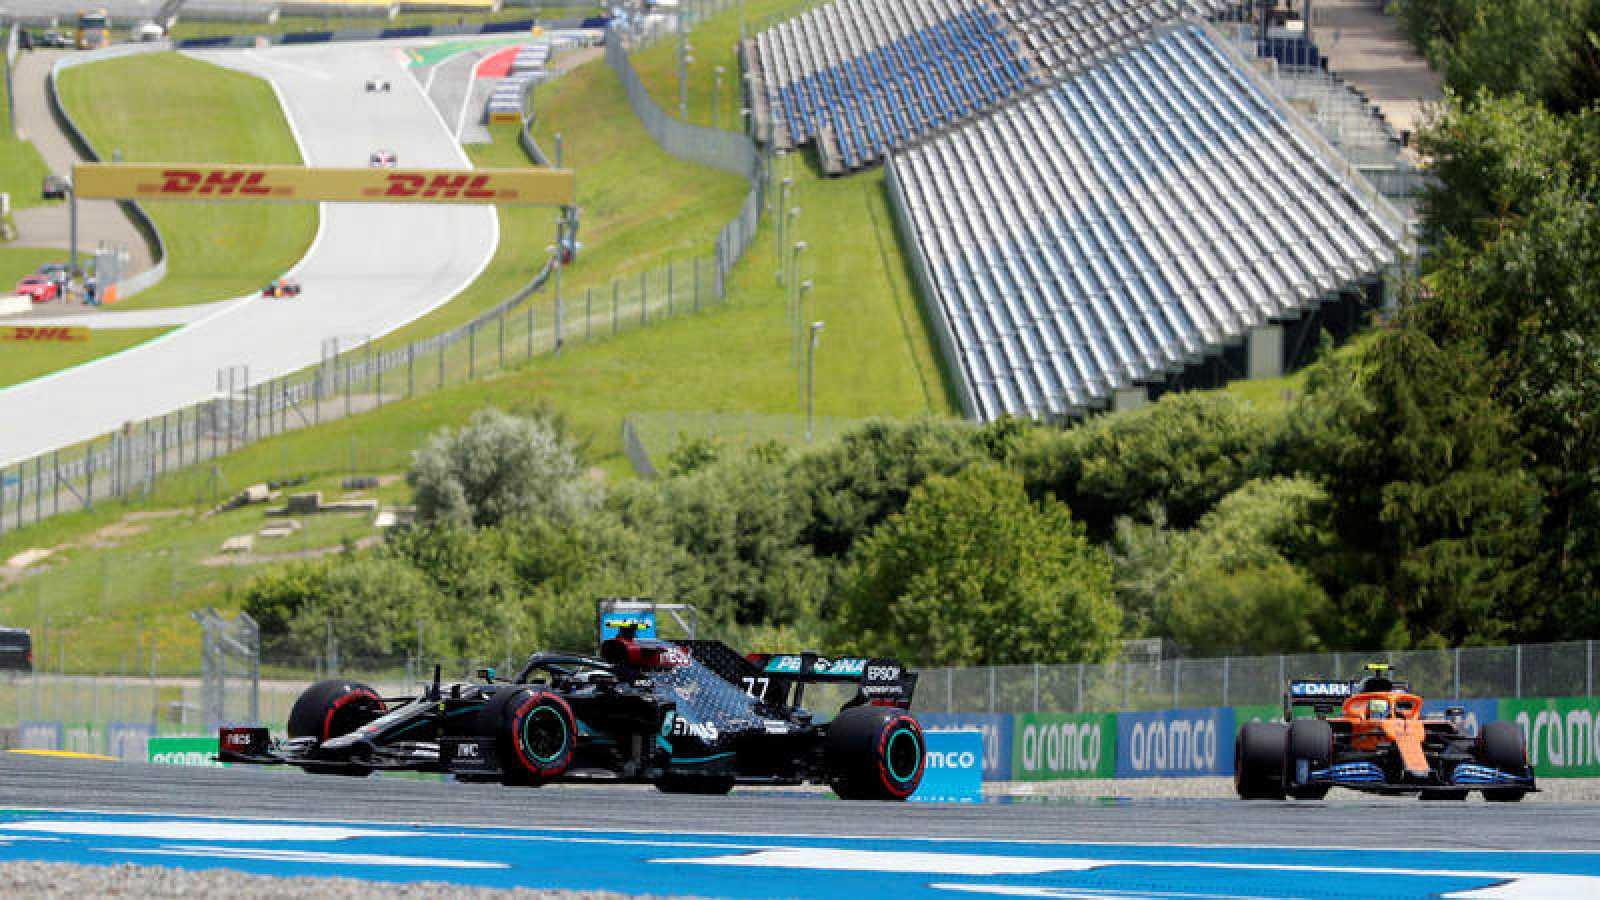 Imagen del finalndés de Mercedes, Valteri Bottas, rodando en el circuito con las gradas vacías.